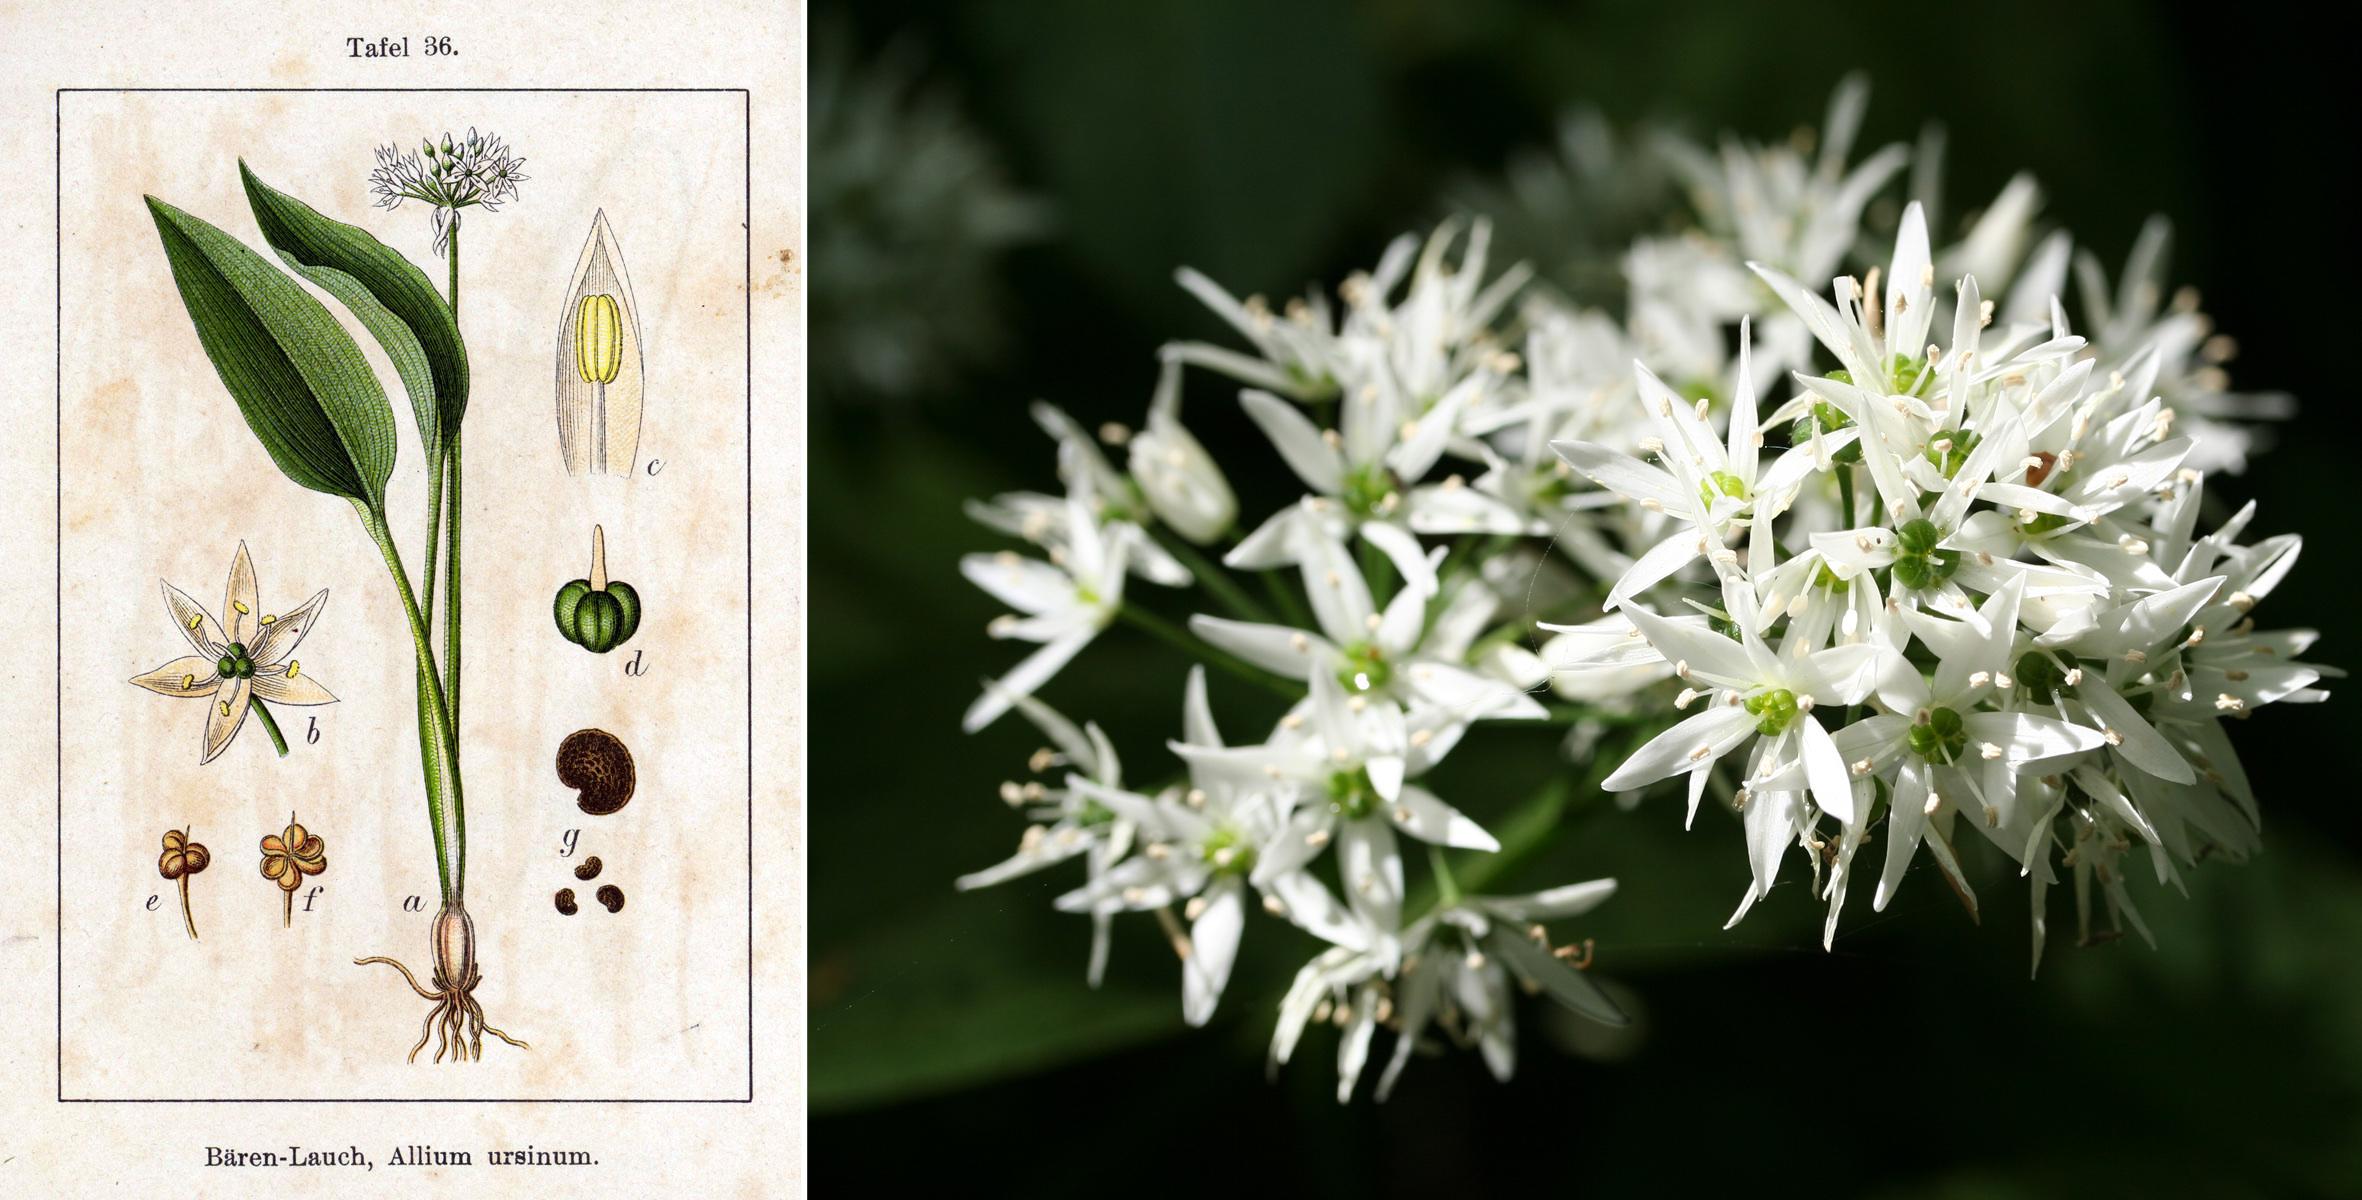 Allium_ursinum_Sturm36 Kopie